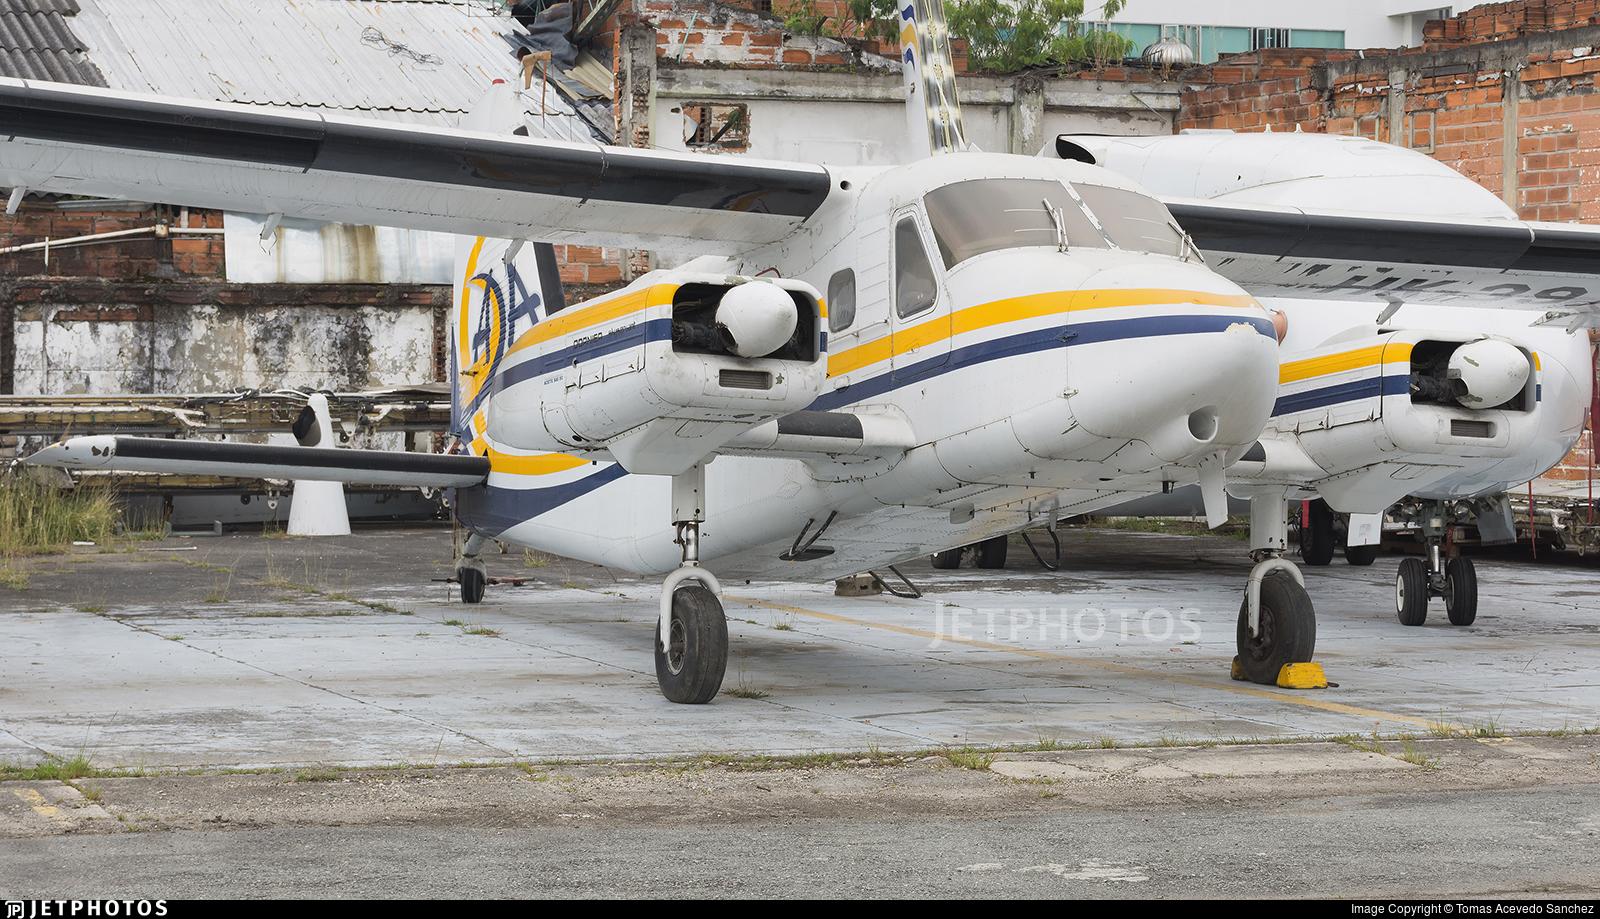 HK-3972 - Dornier Do-28D2 Skyservant - ADA Aerolínea de Antioquía